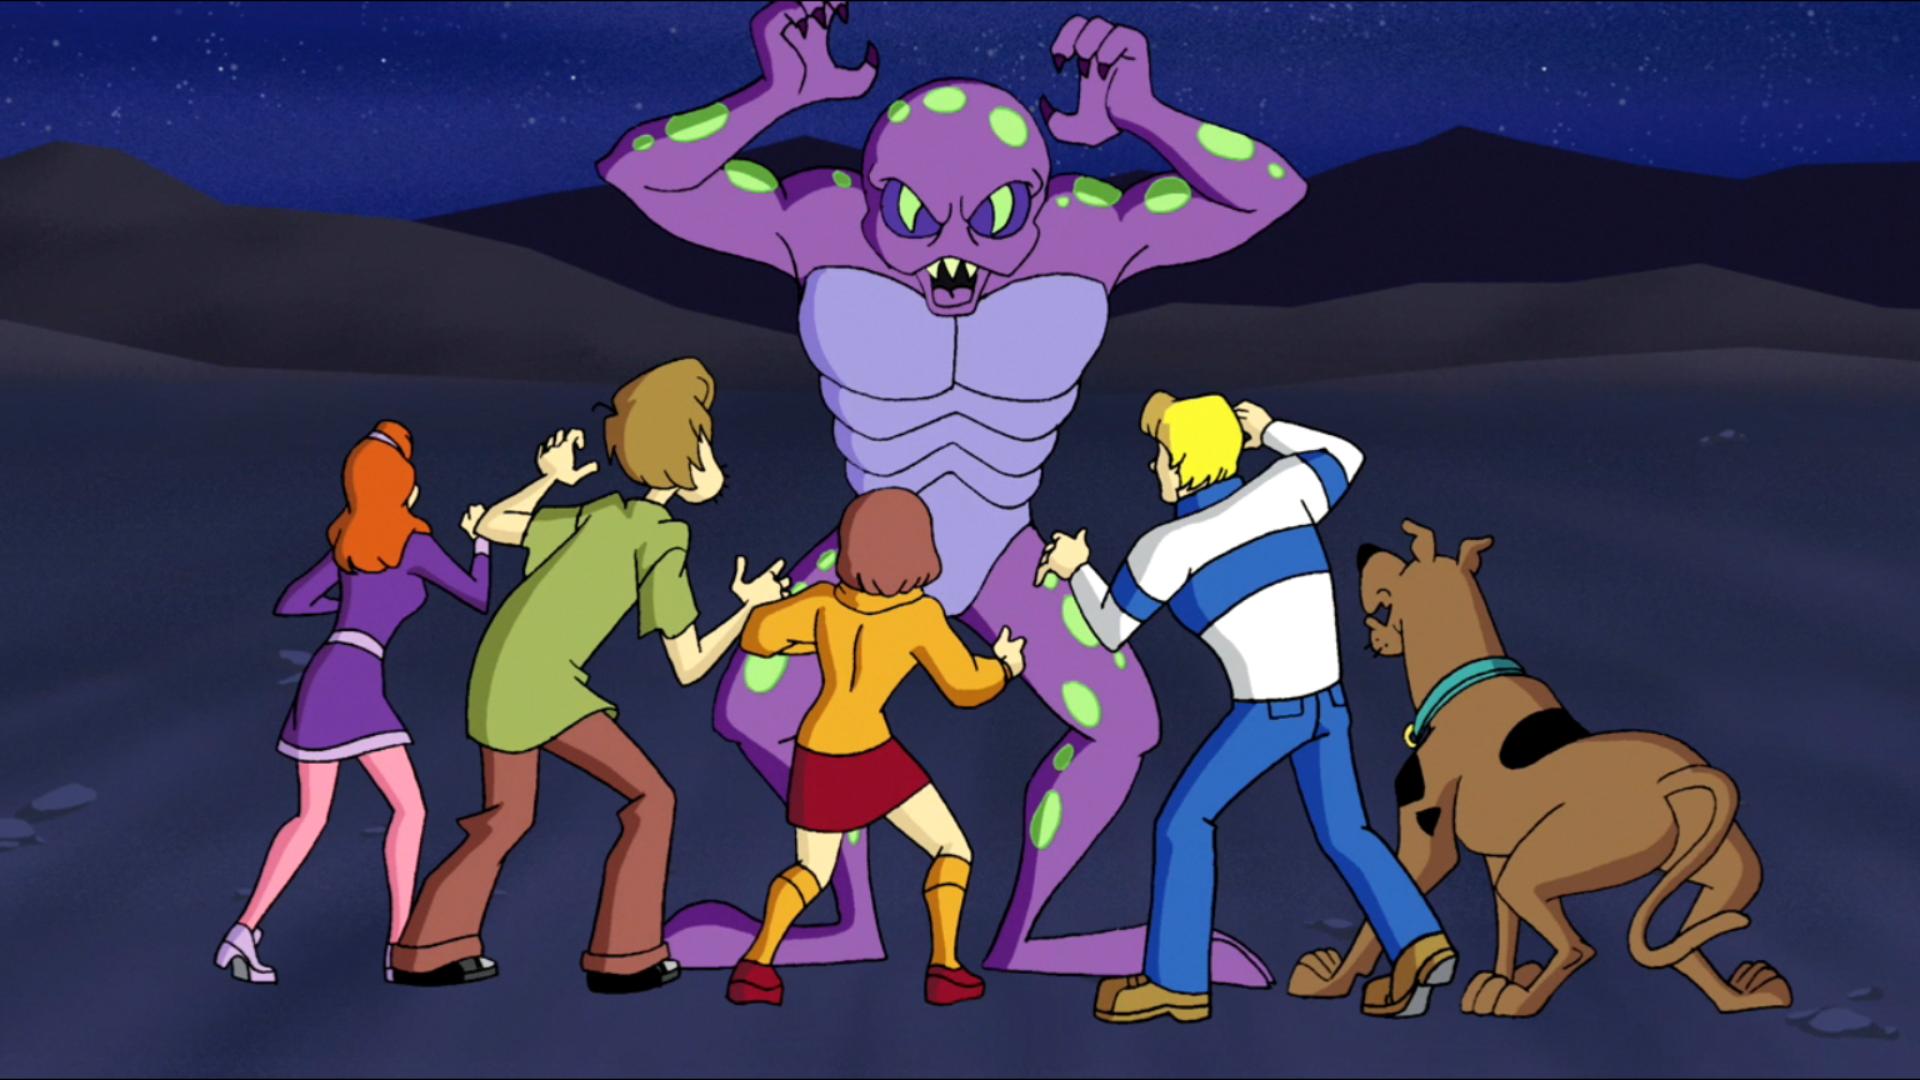 Meilleur De Dessin à Imprimer Scooby Doo